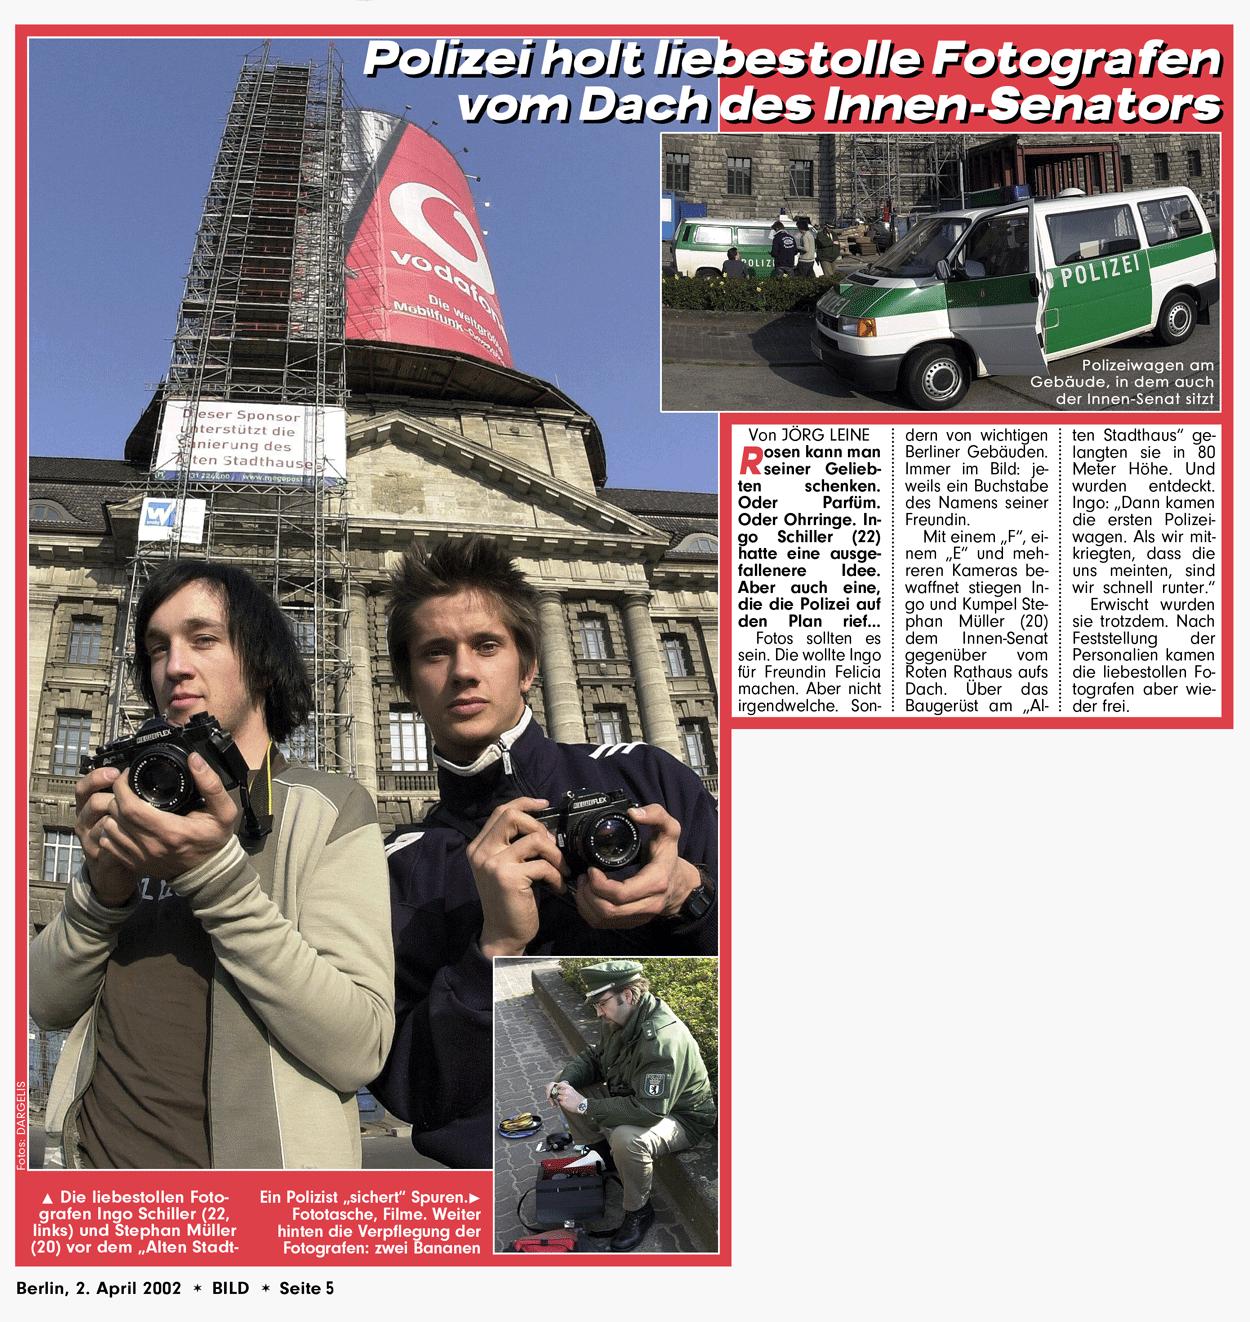 """Zeitungsartikel aus der Bildzeitung mit dem Titel """"Polizei holt liebestolle Fotografen vom Dach des Innensenators"""""""